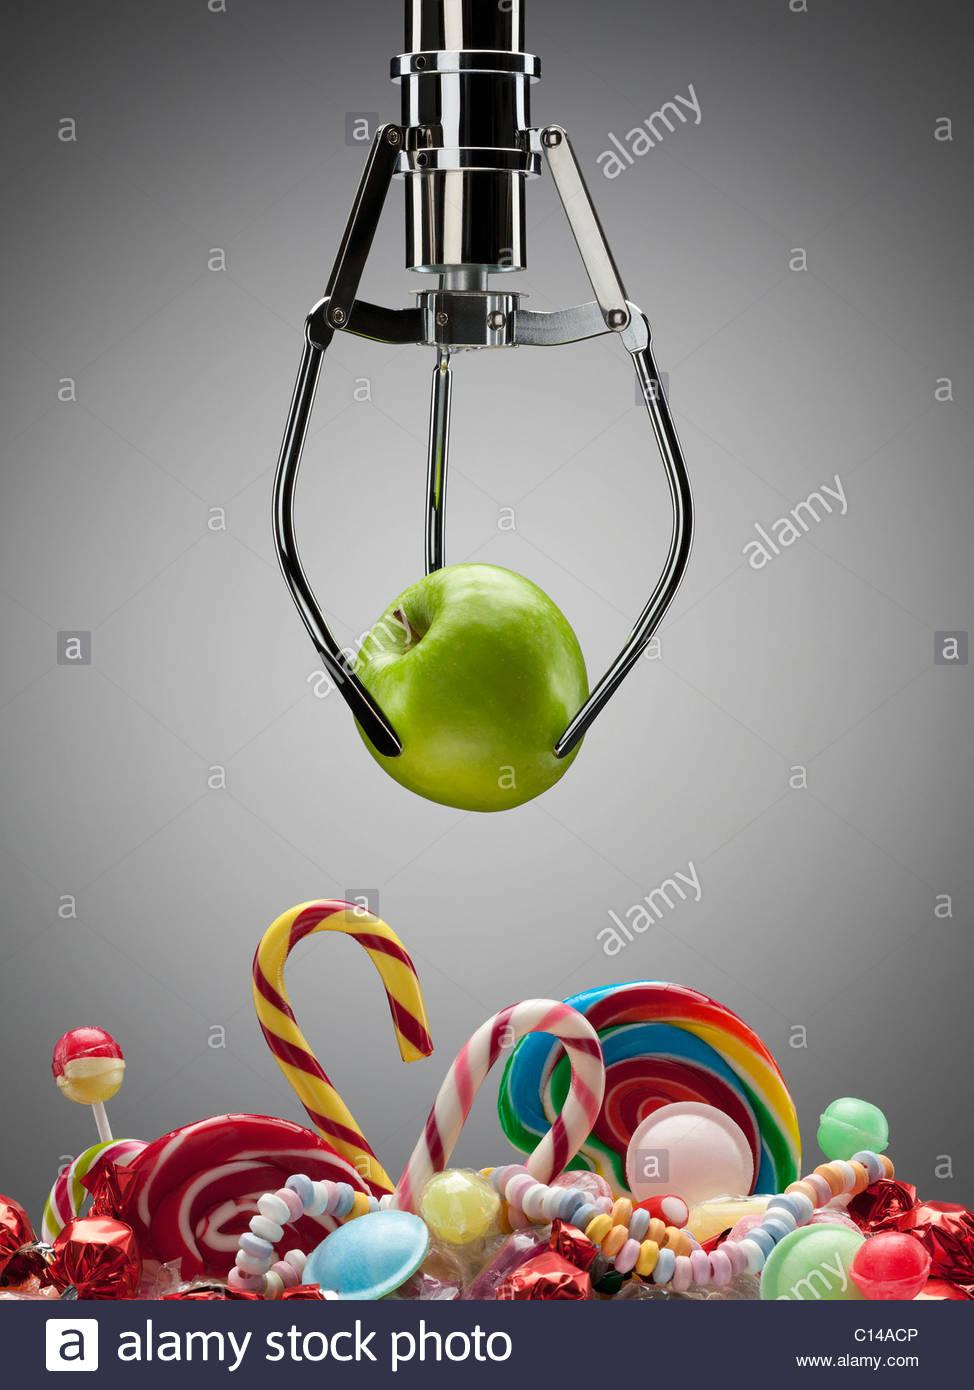 Haken Sie mit grünem Apfel über verschiedene süße Bonbons Stockbild